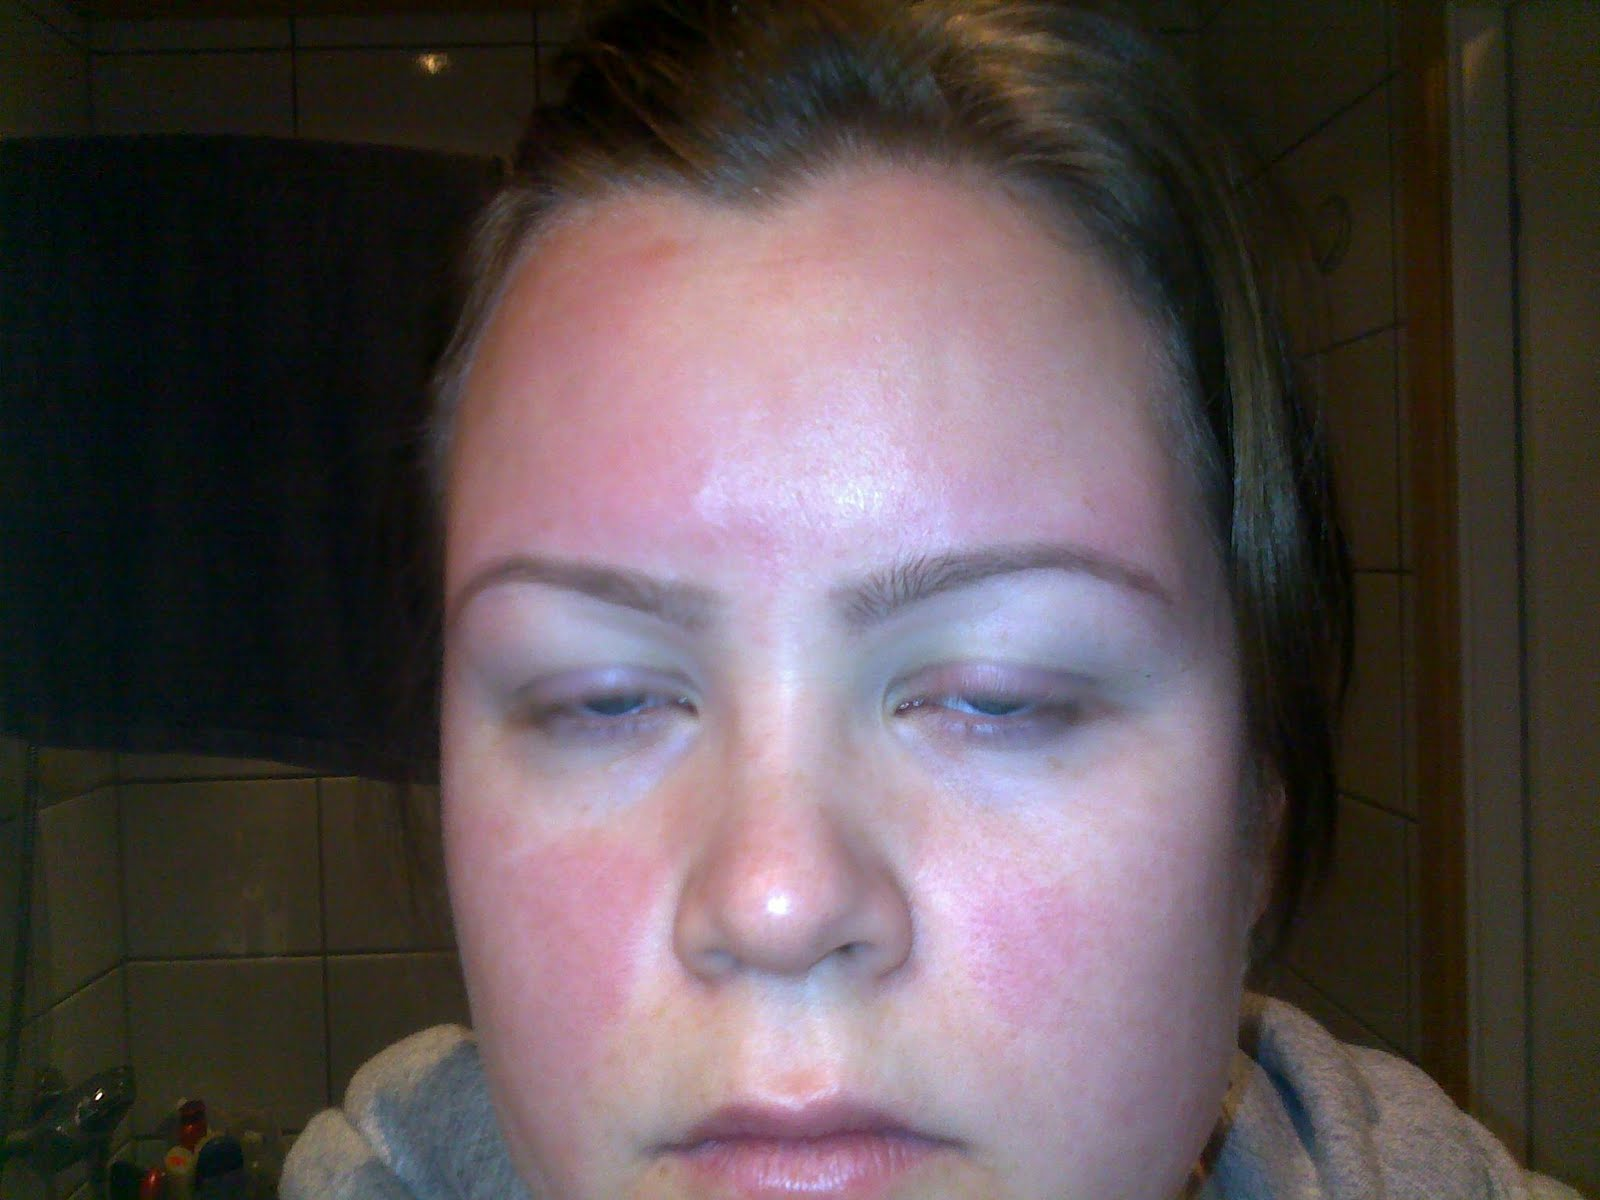 allergi utslett ansikt